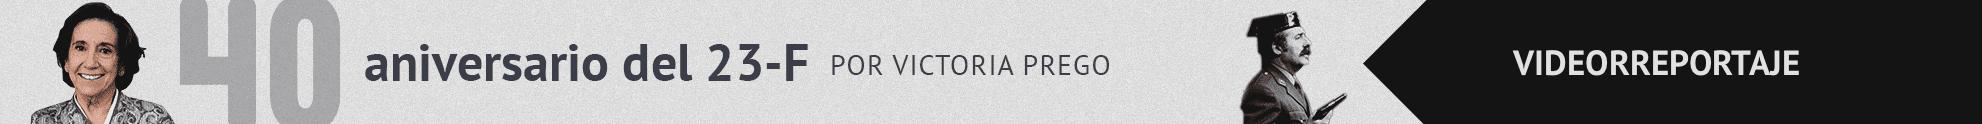 Banner sobre el especial del 40 aniversario del 23-F por Victoria Prego en El Independiente